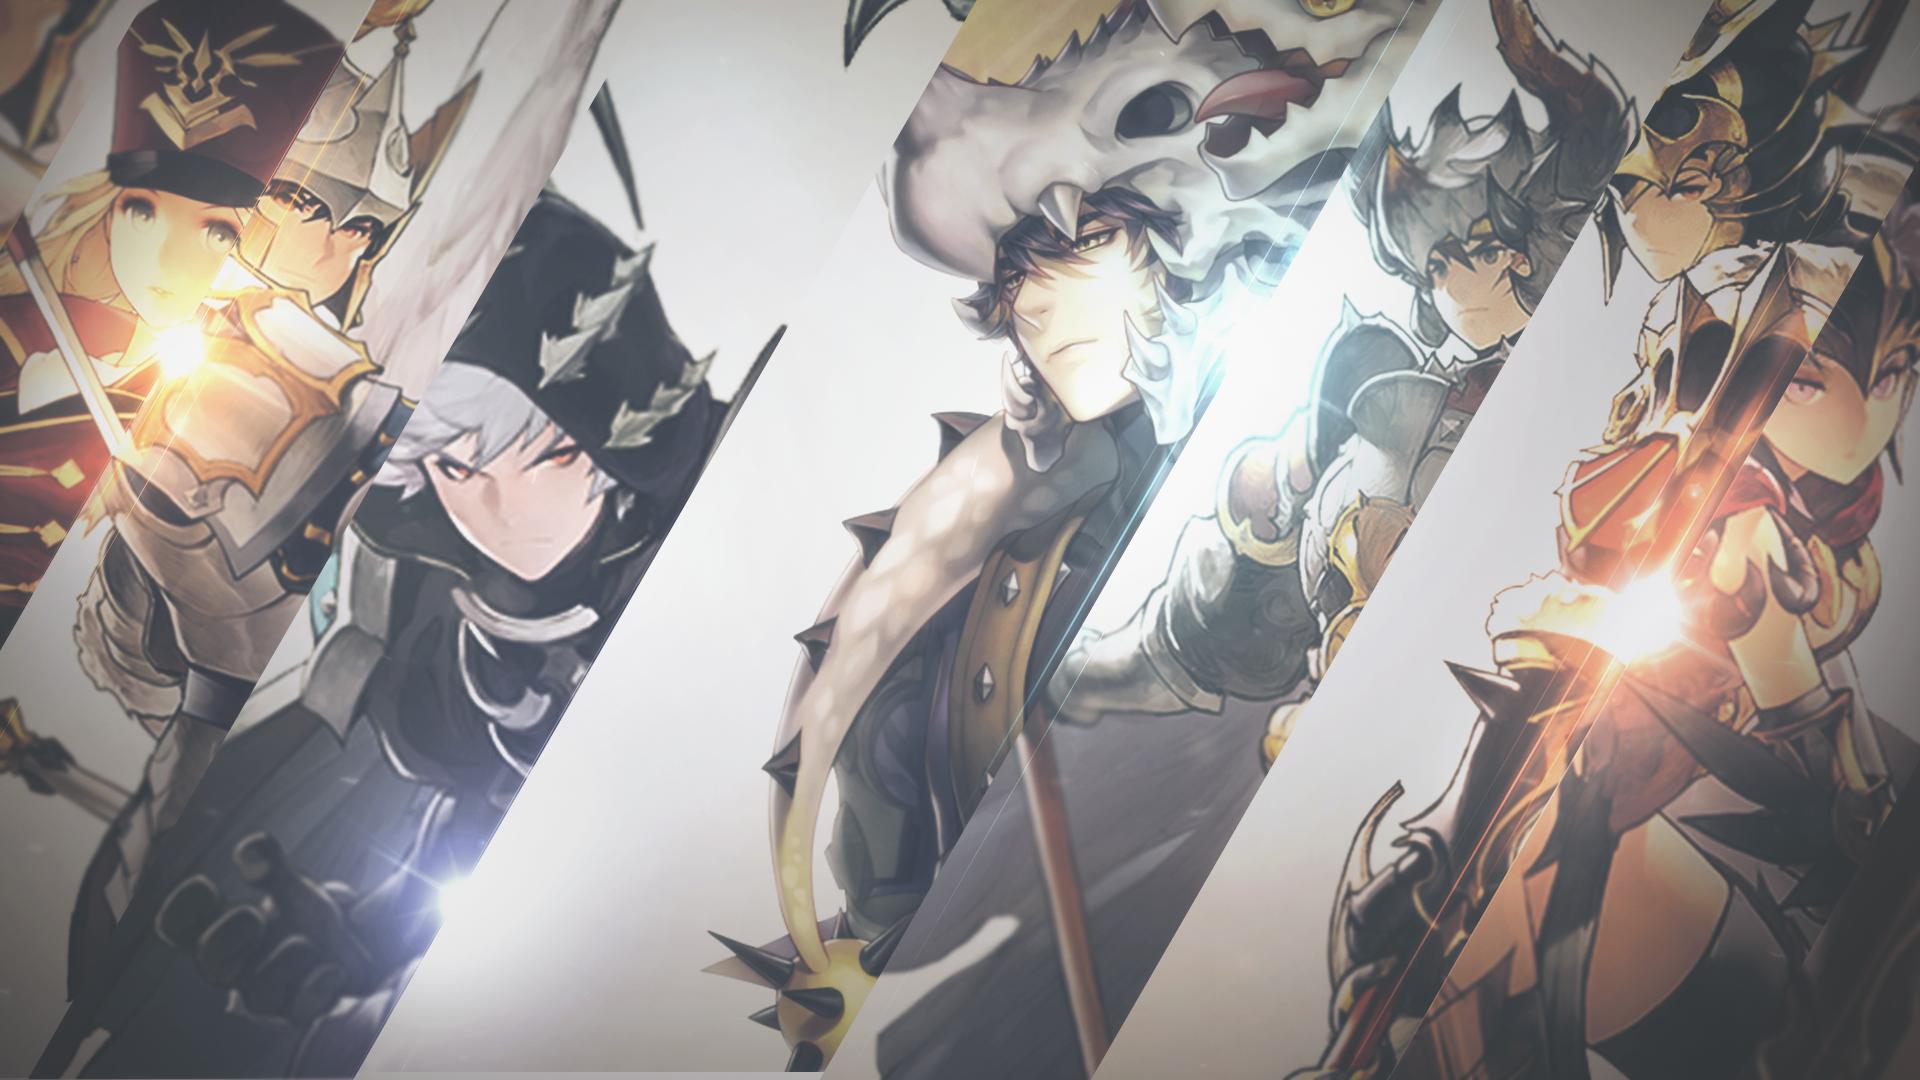 Seven wallpaper